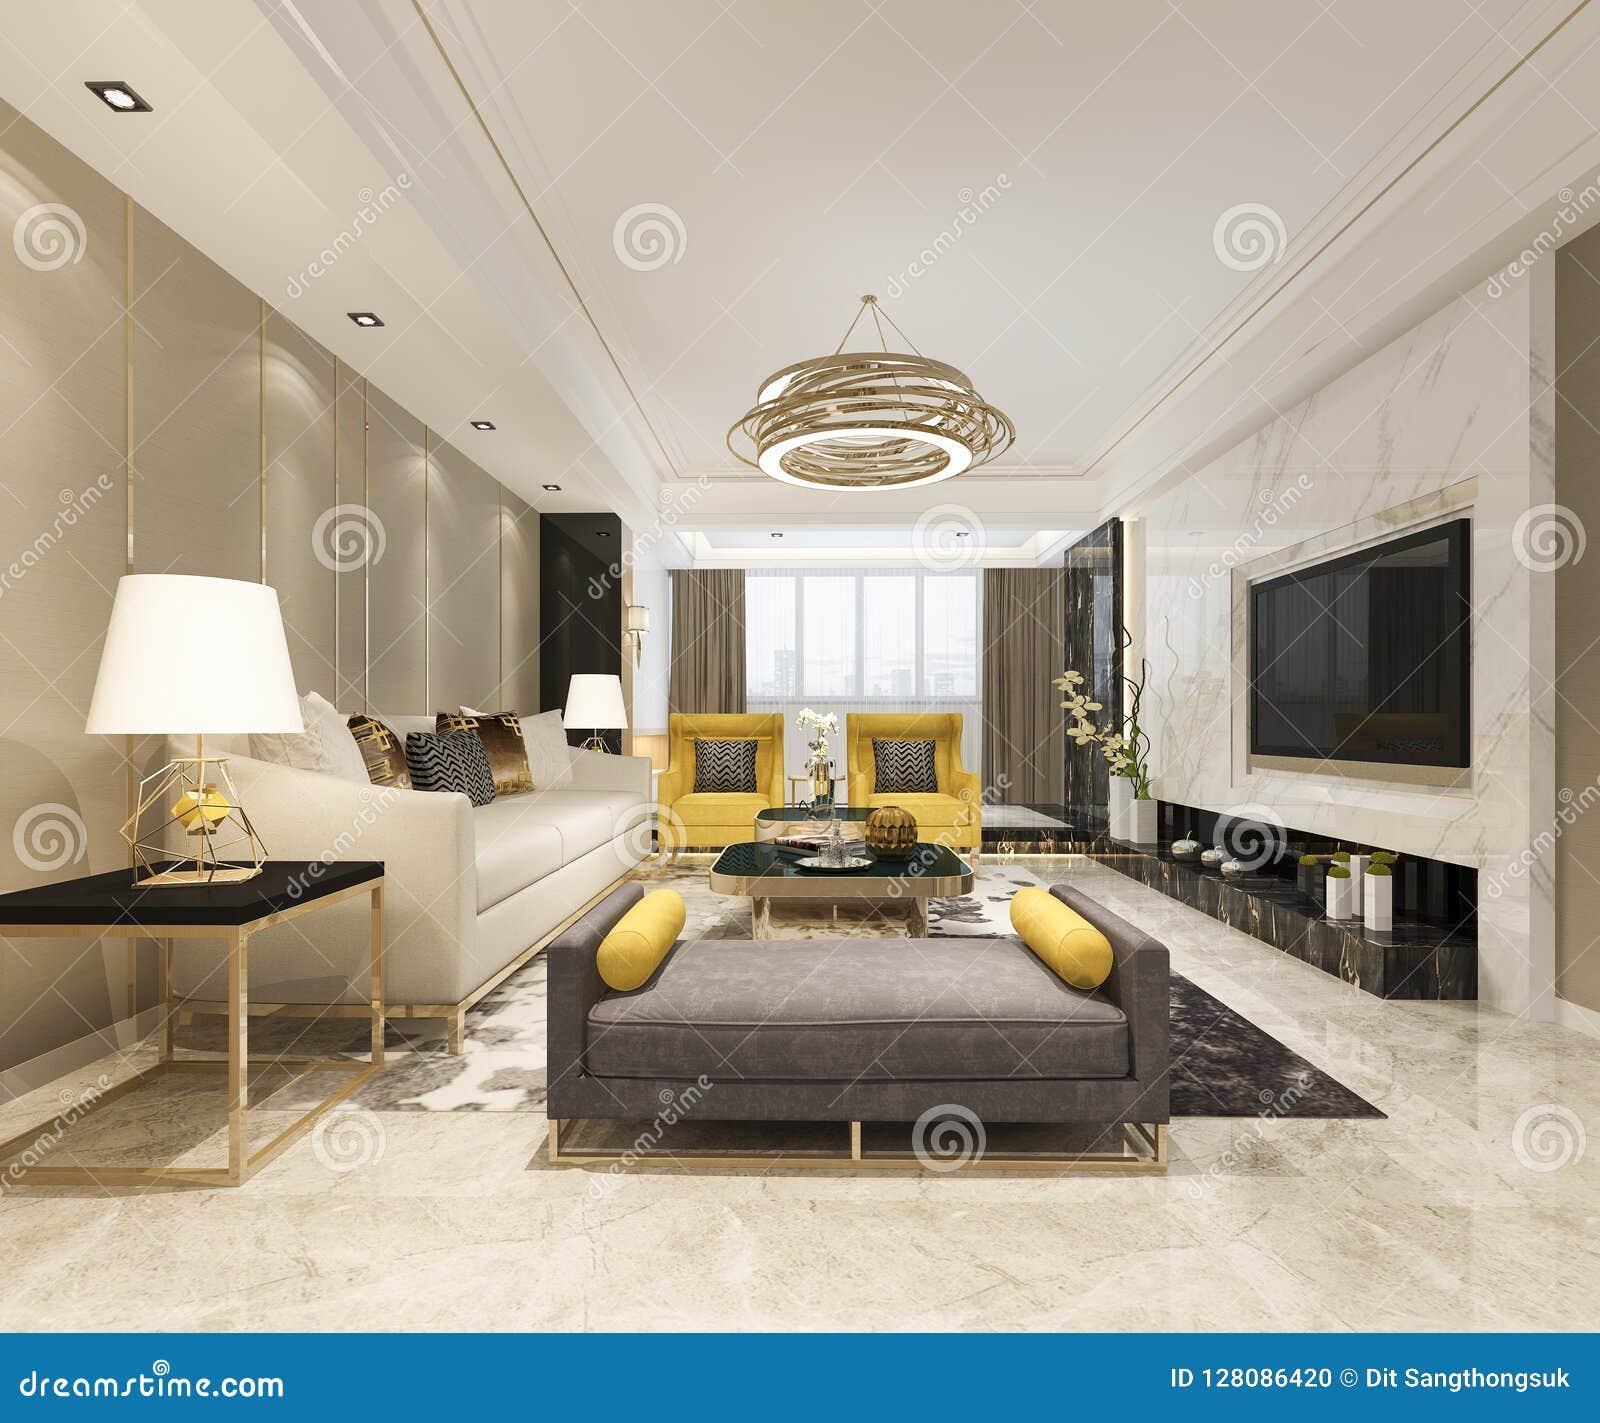 Luxo Da Rendicao 3d E Sala De Visitas Moderna Com Sofa De Couro